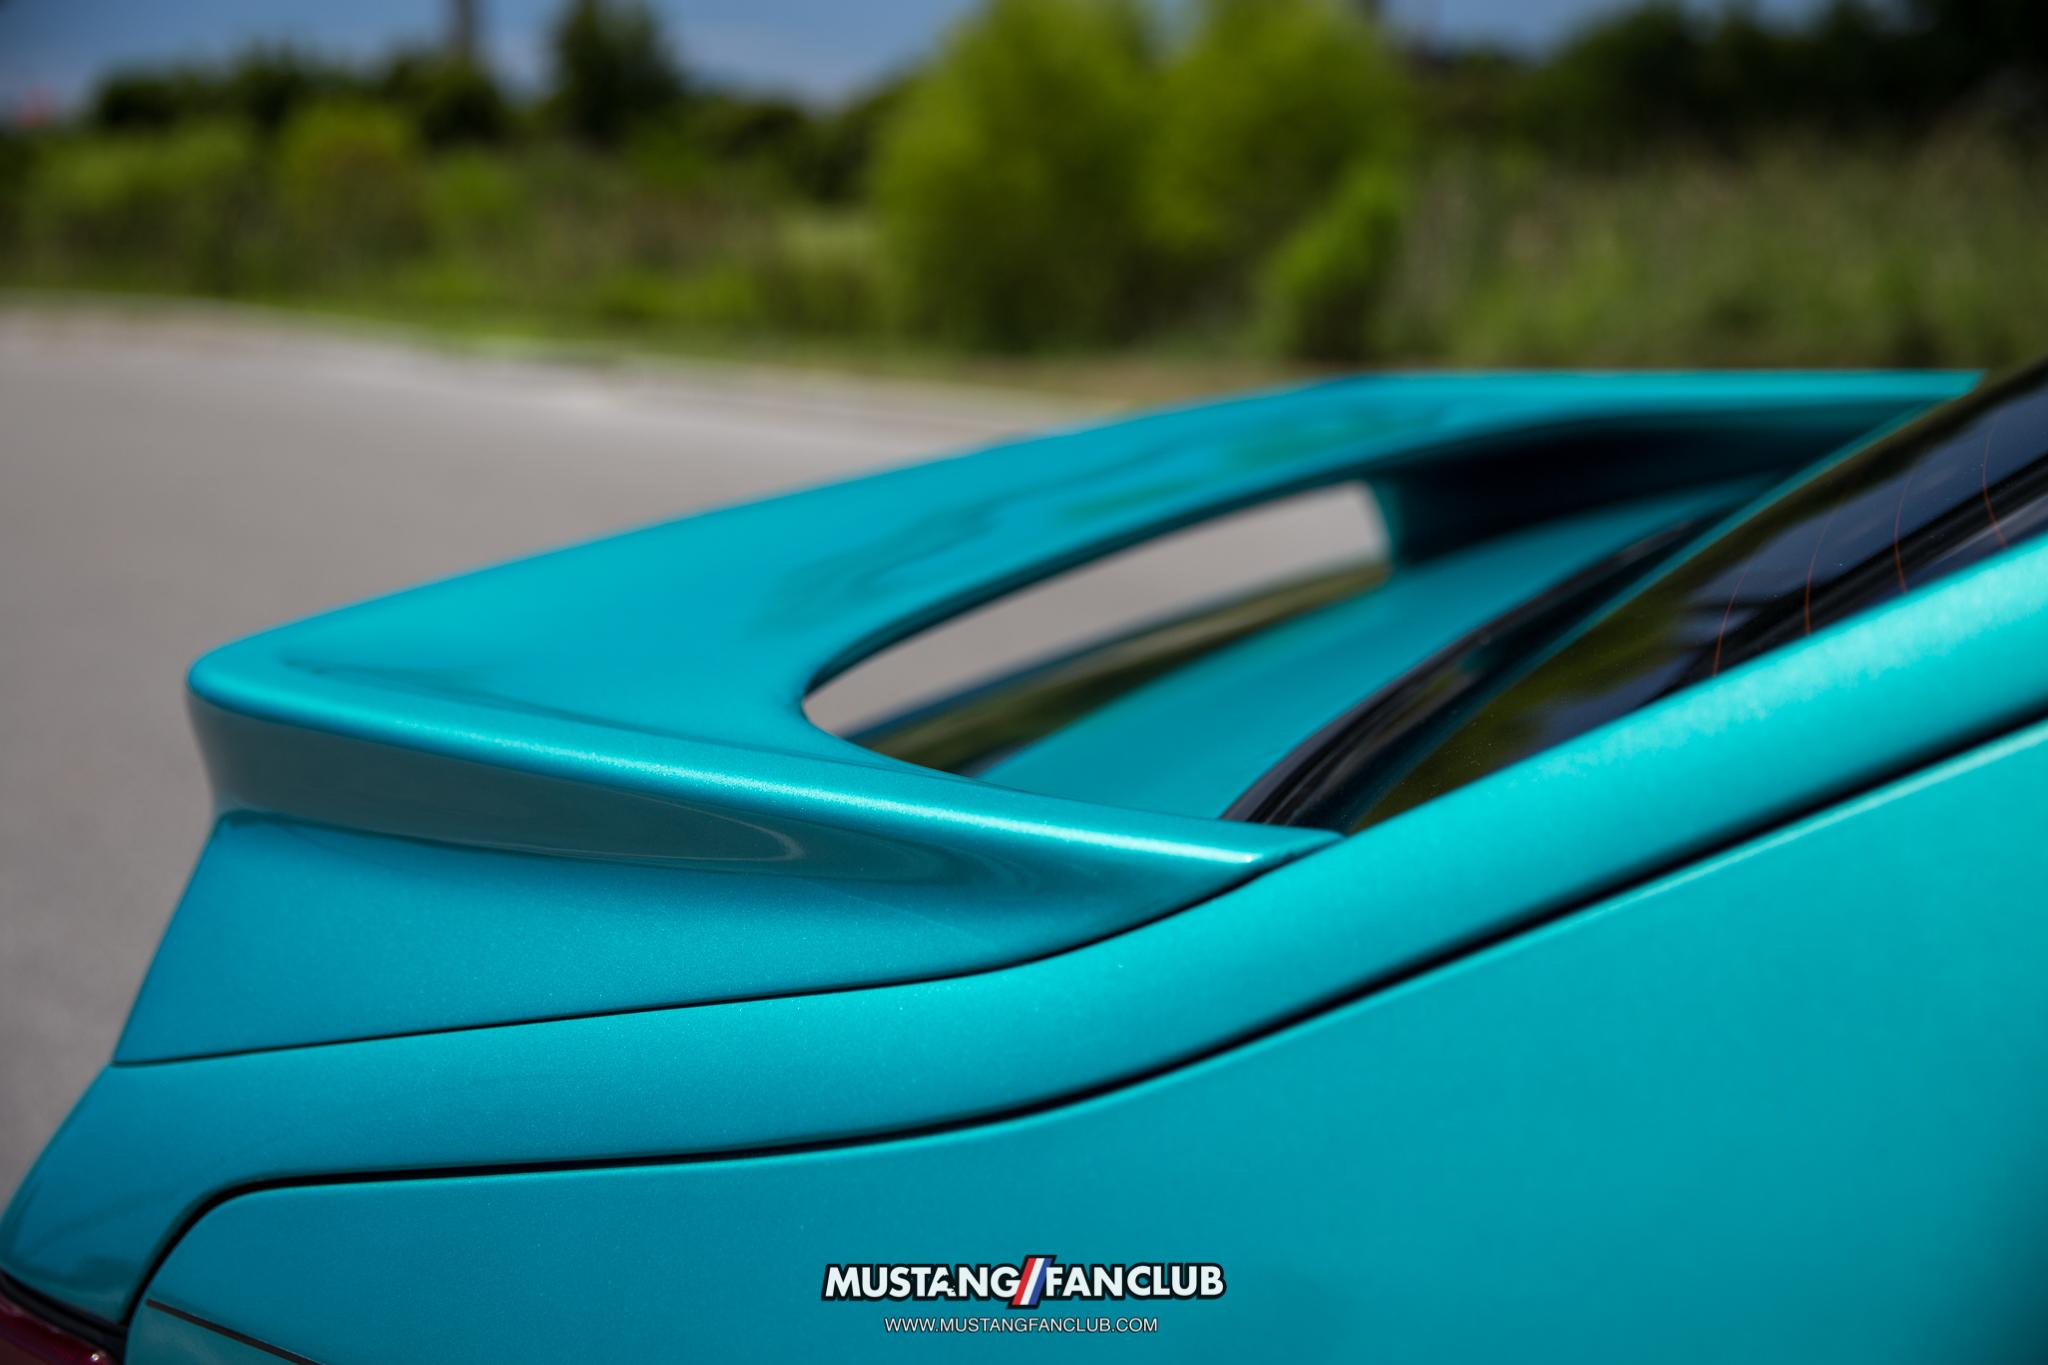 calypso green foxbody hatchback lx harris lue luecreative mustangfanclub mustang fan club 5.0resto latemodelrestoration latemodelresto mustang week turbo 2.3T 2.3